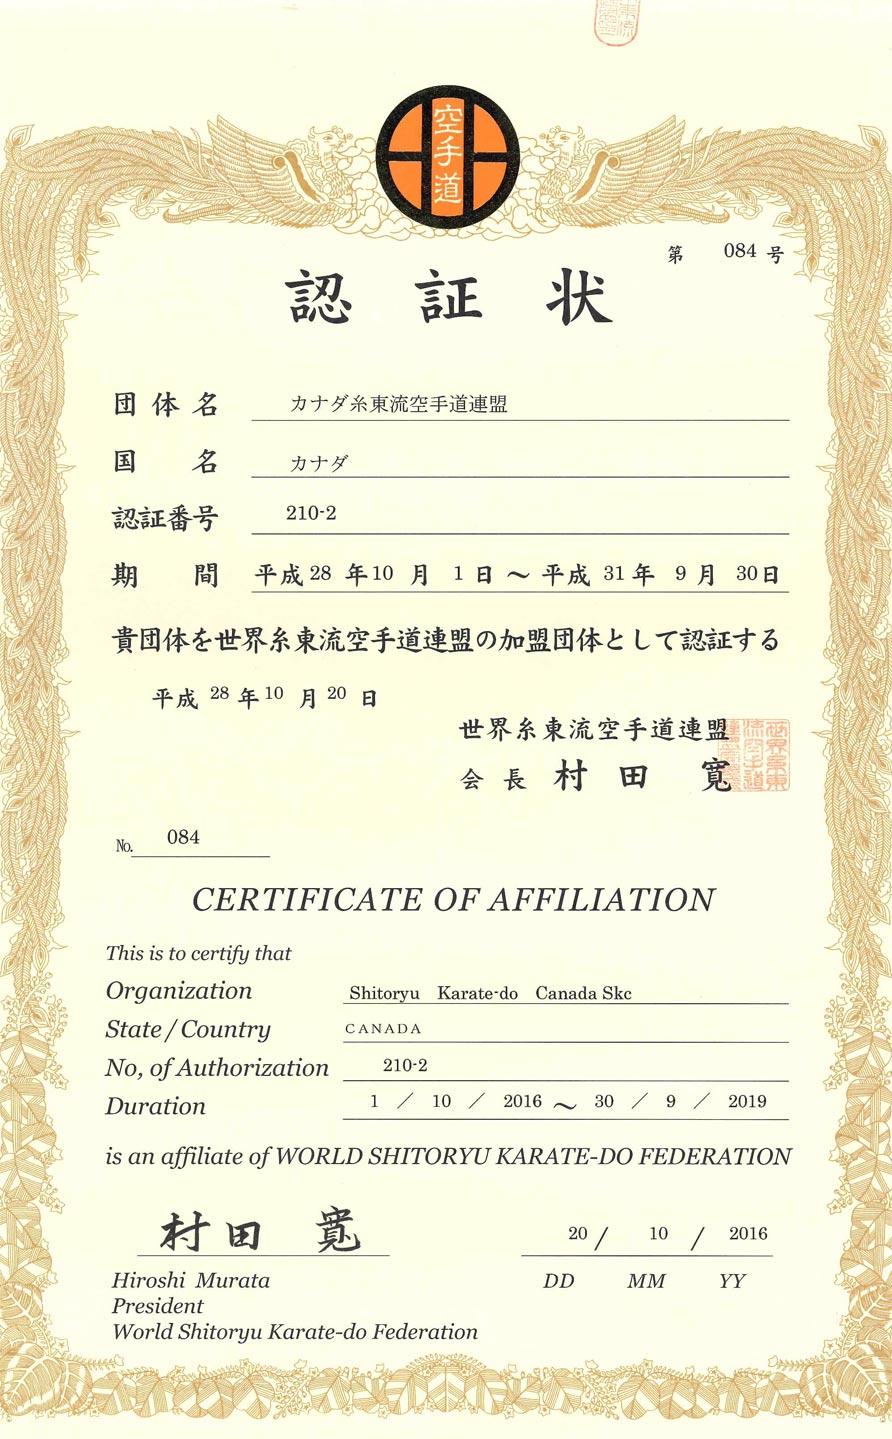 WSKF-Shitoryu-Karate-Canada-Affiliation-Certificate